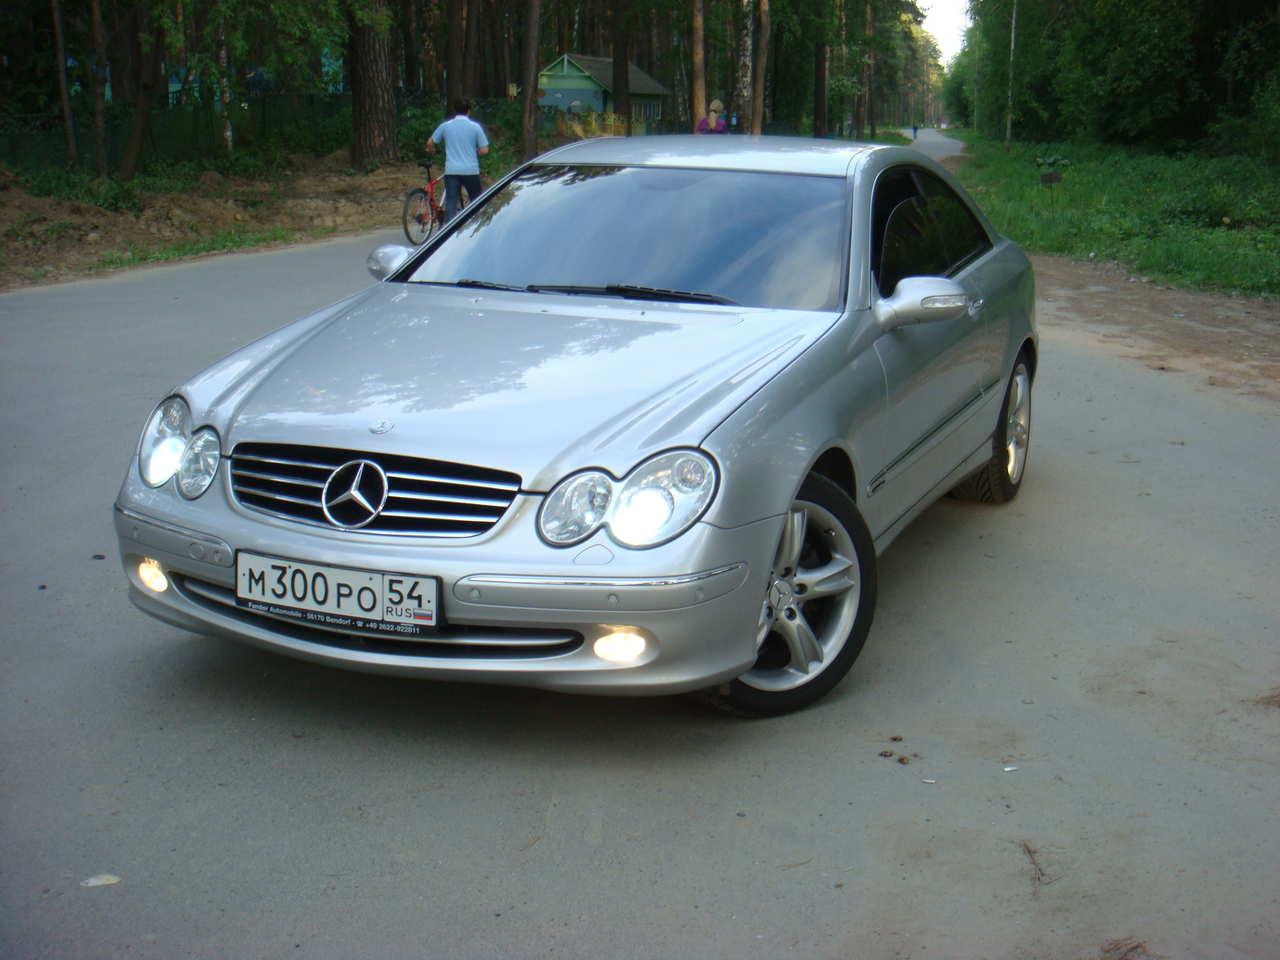 2002 mercedes benz clk class pics 2 6 gasoline fr or rr for 2002 mercedes benz clk class